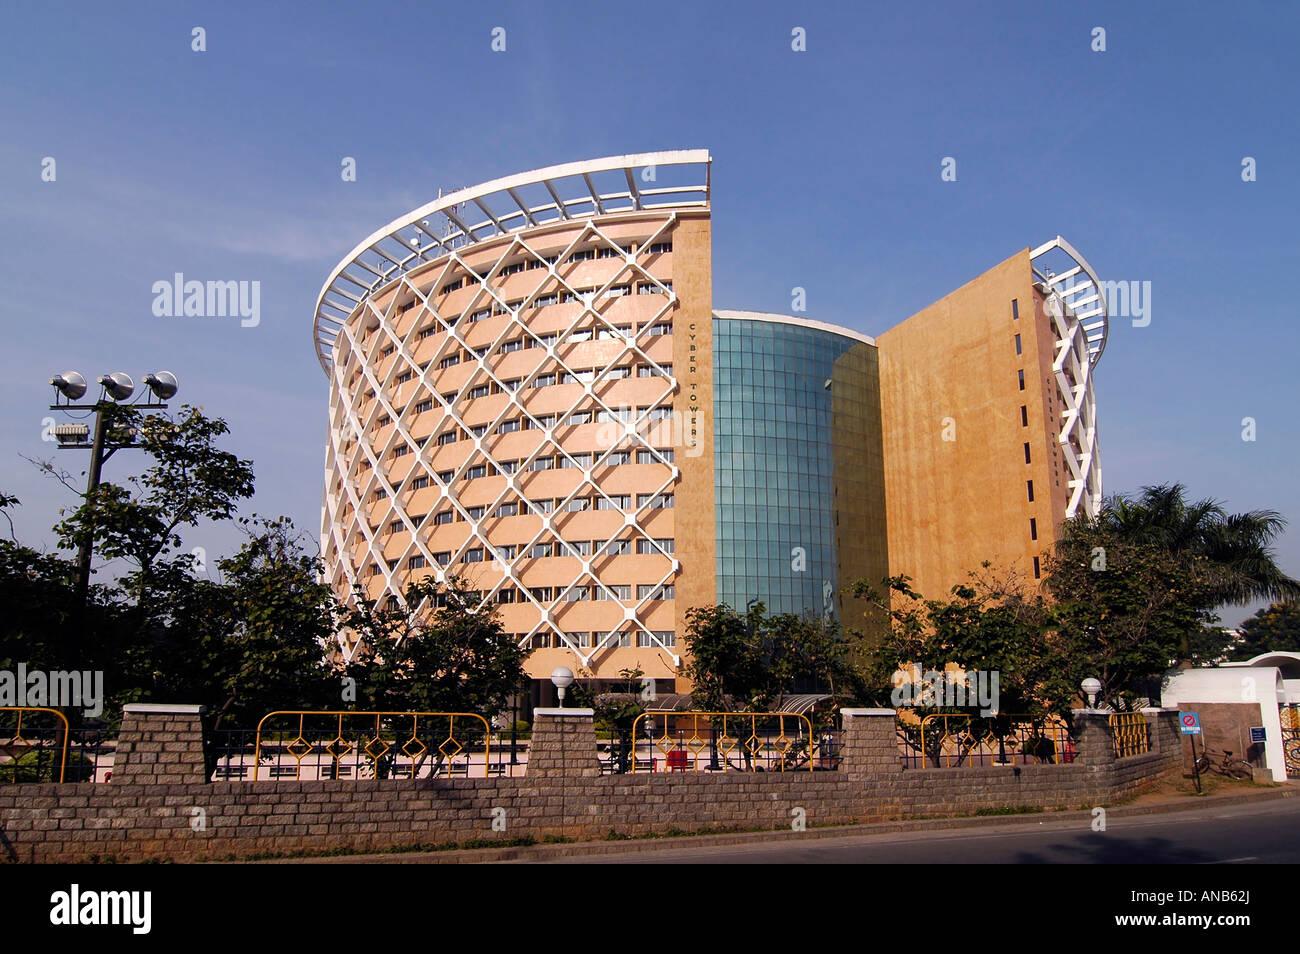 """Le bâtiment de Wipro à Hyderabad, Inde """"Cyberabad"""". WIipro est une société de technologie Photo Stock"""